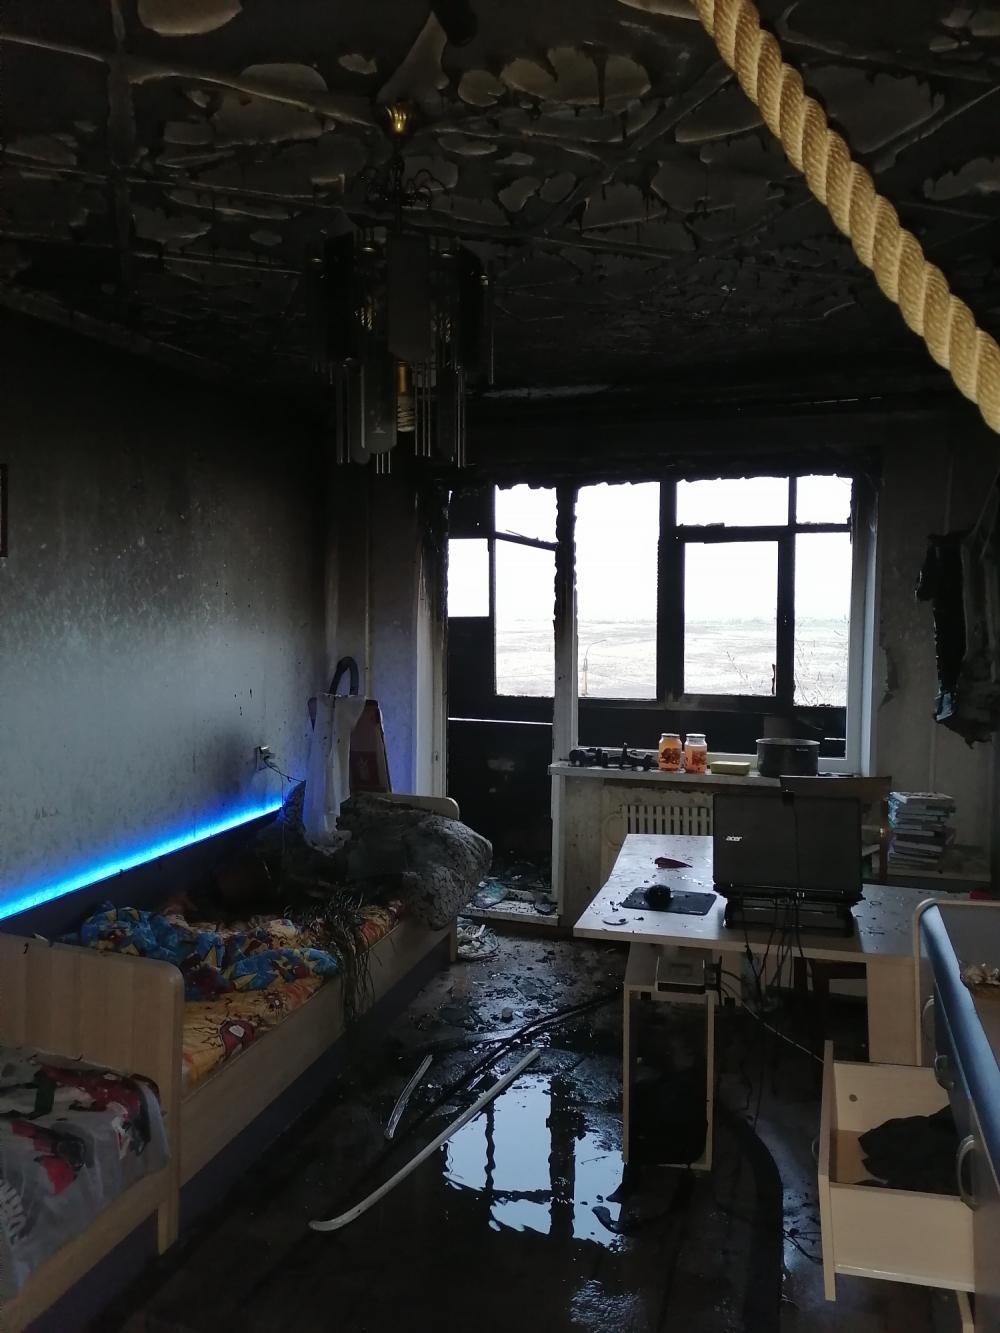 Причиной пожара стало неосторожное обращение с огнем во время курения.